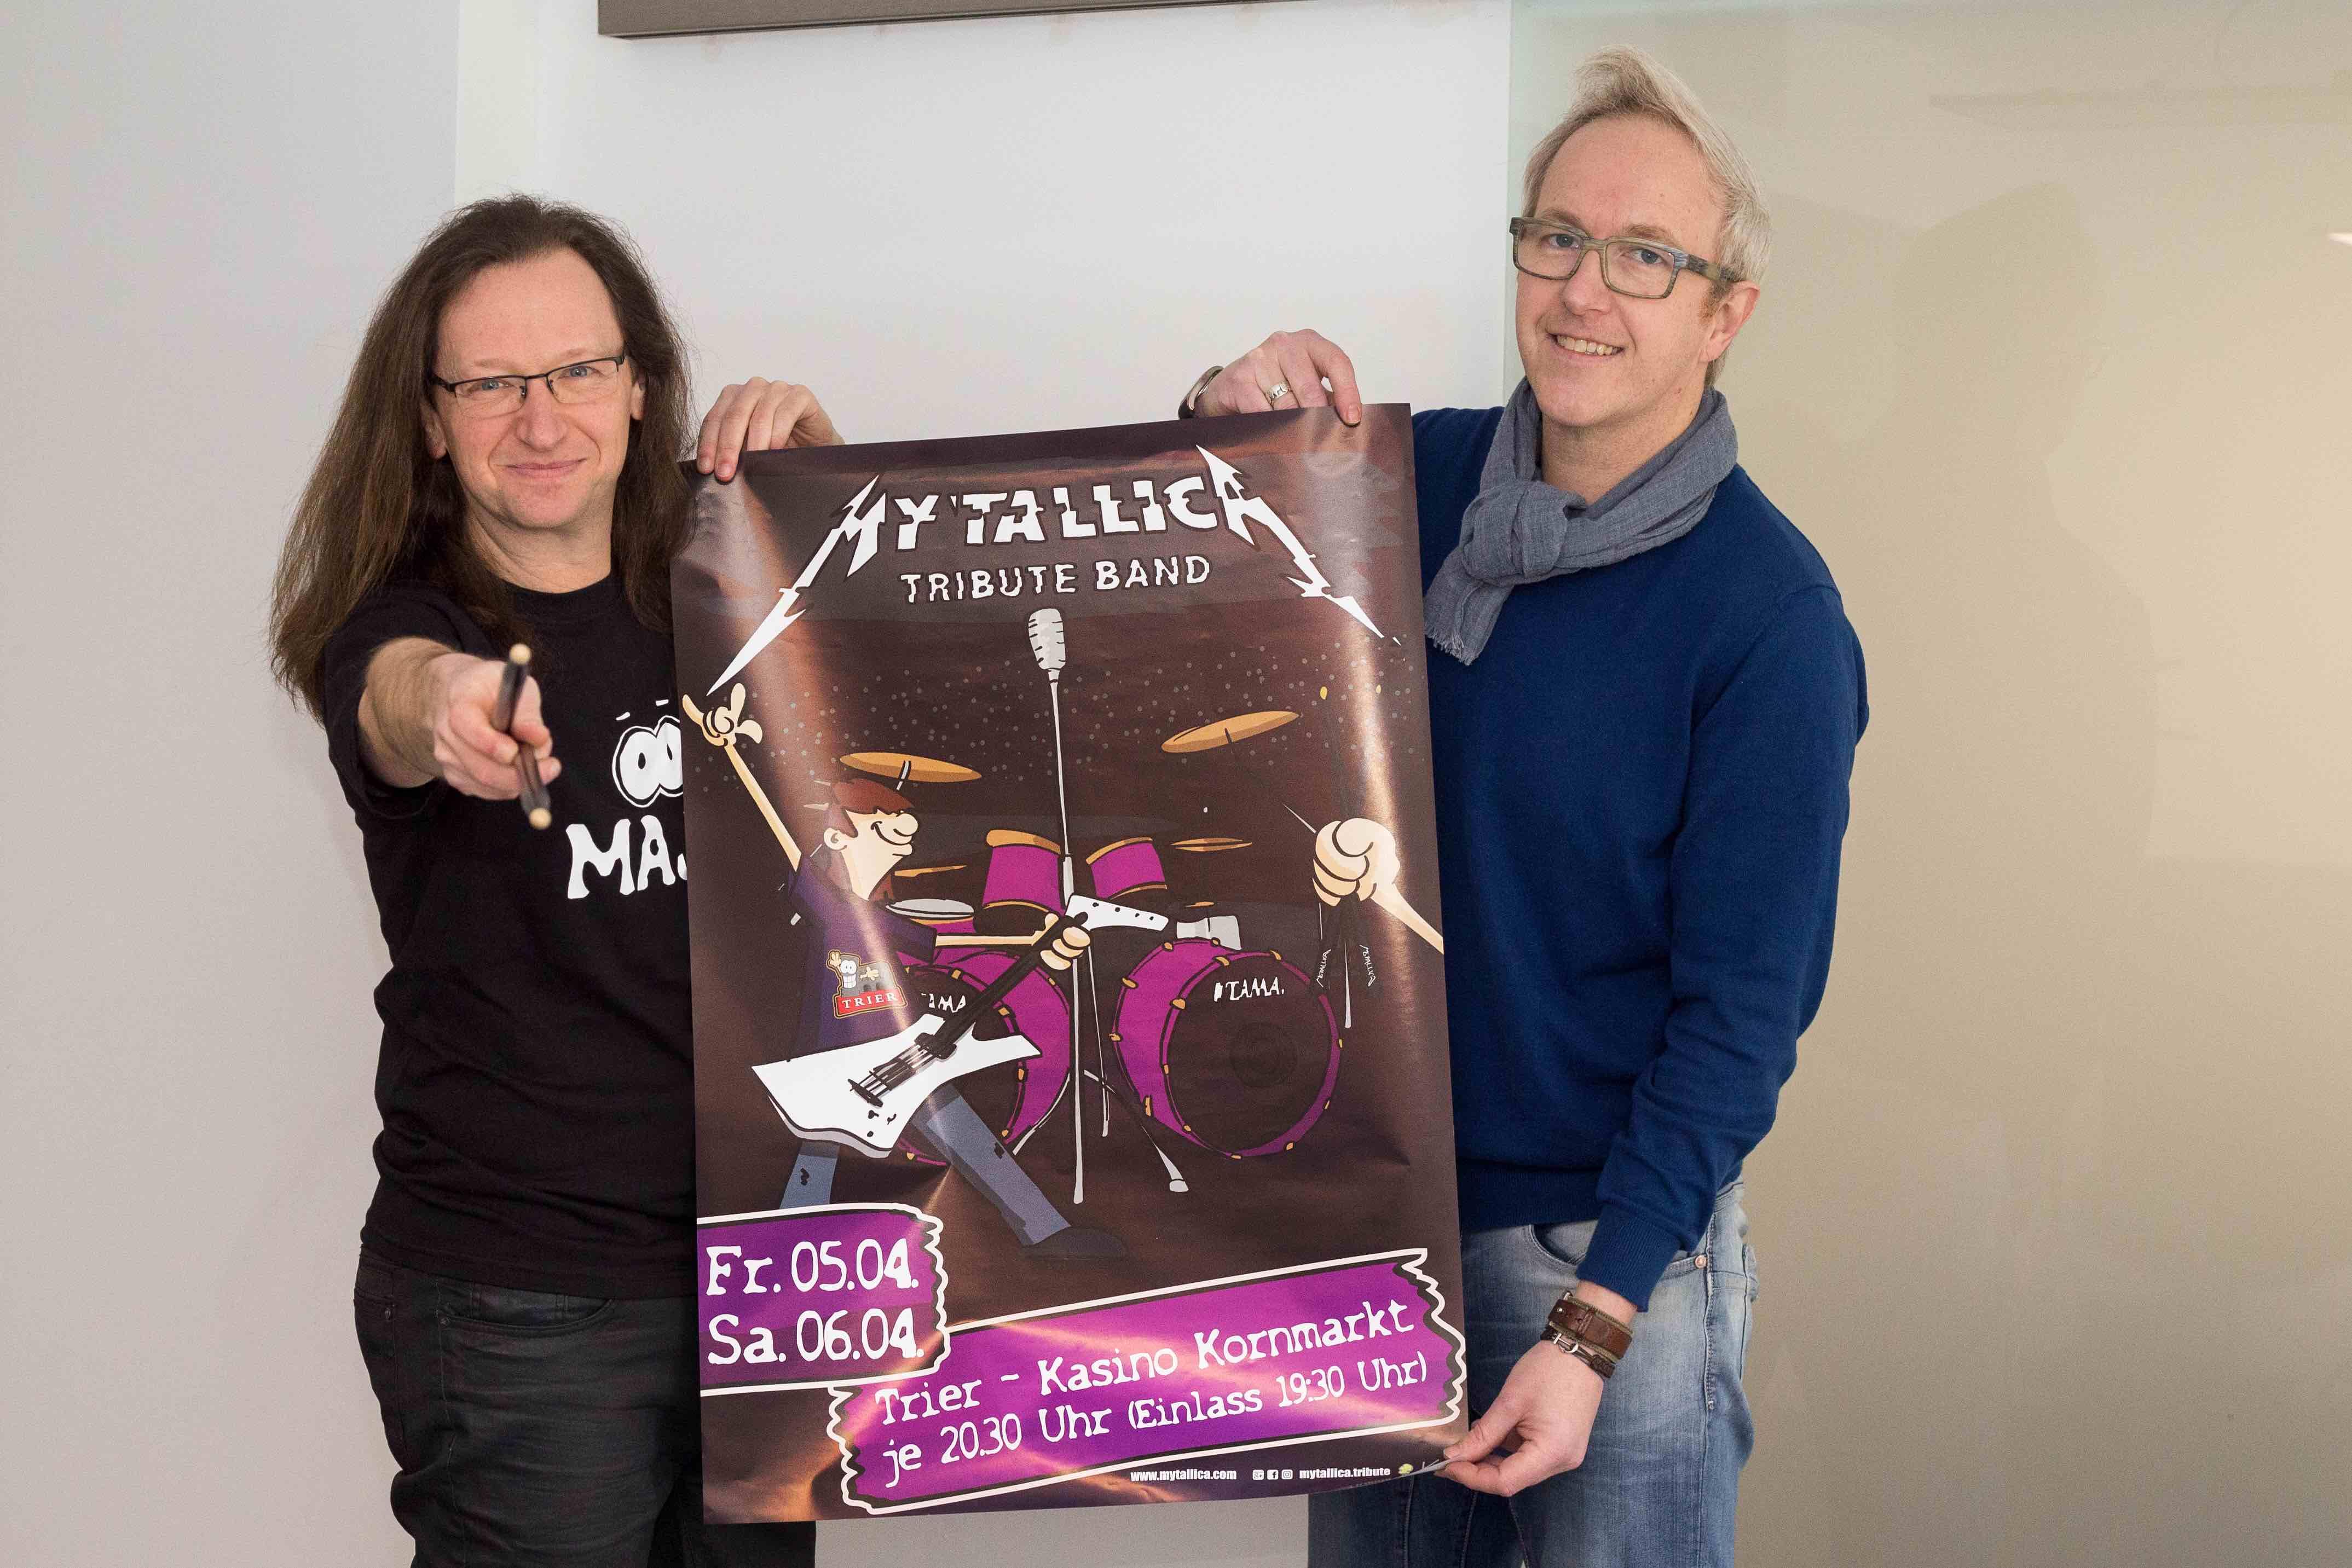 mytallica-tribute-band-alles-trier-johannes-kolz-kasino-kornmarkt-cartoon-stephan-zender